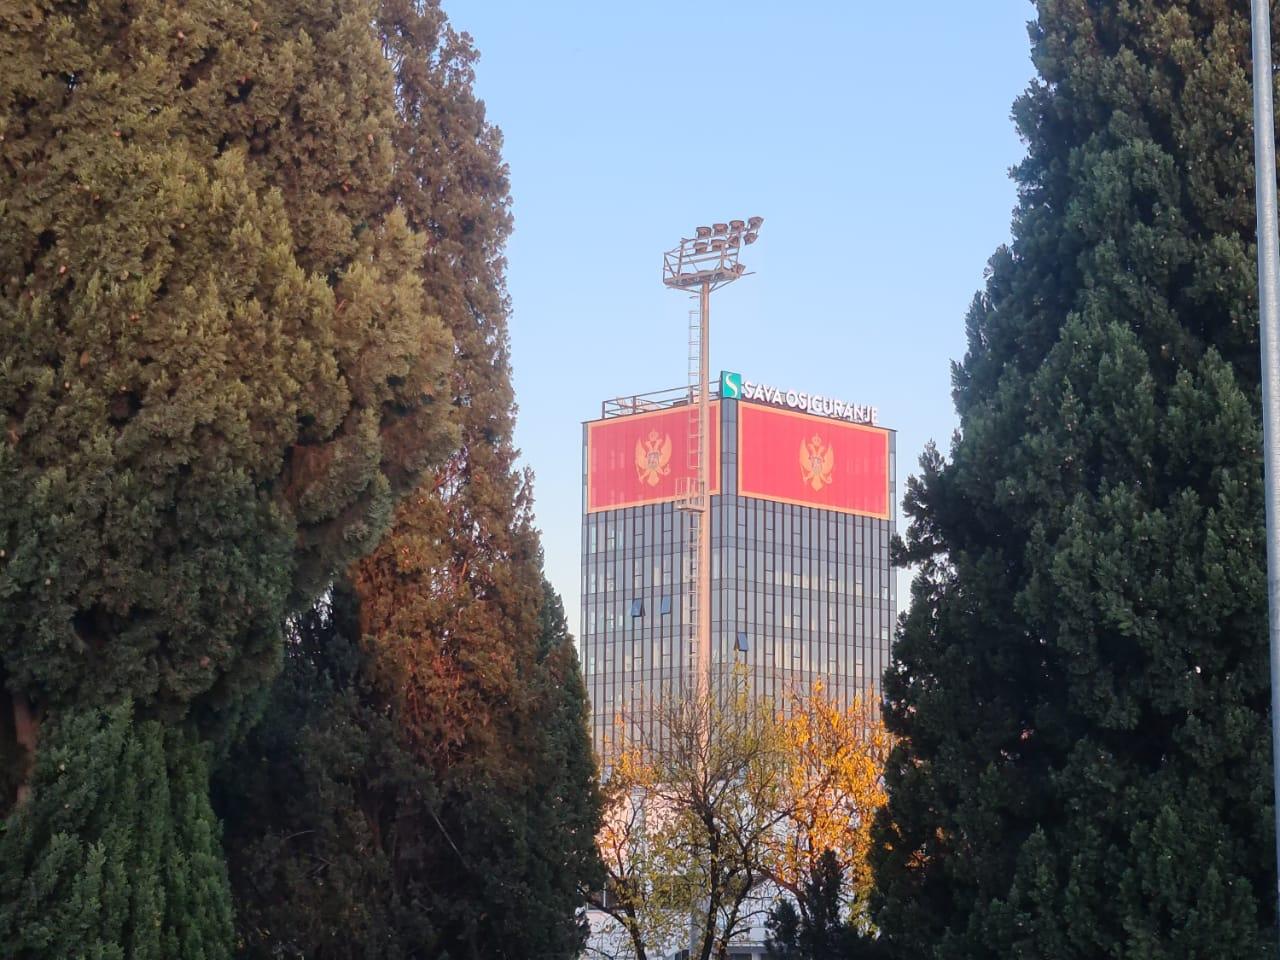 Crnogorske zastave opet krase jednu od najviših zgrada u Glavnom gradu